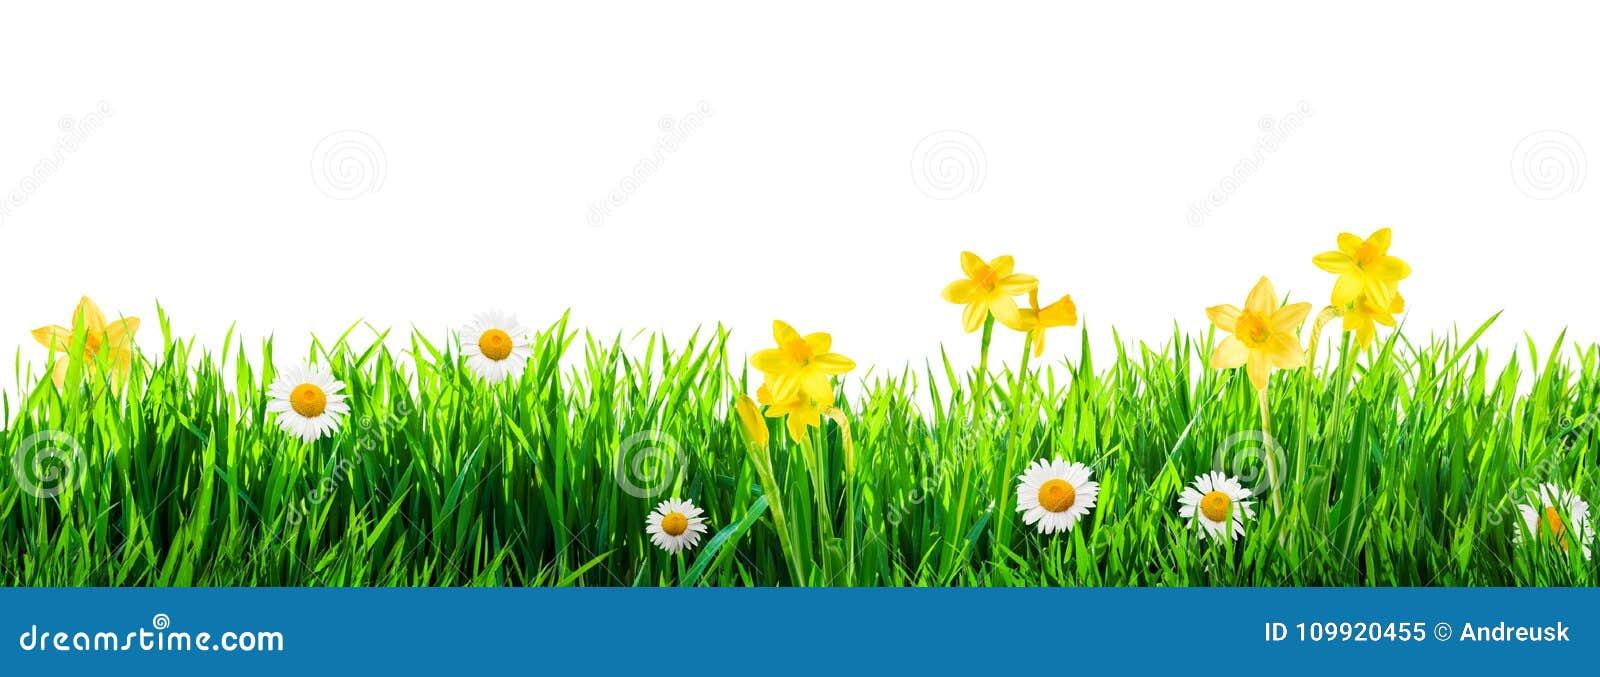 Υπόβαθρο λουλουδιών χλόης και άνοιξη